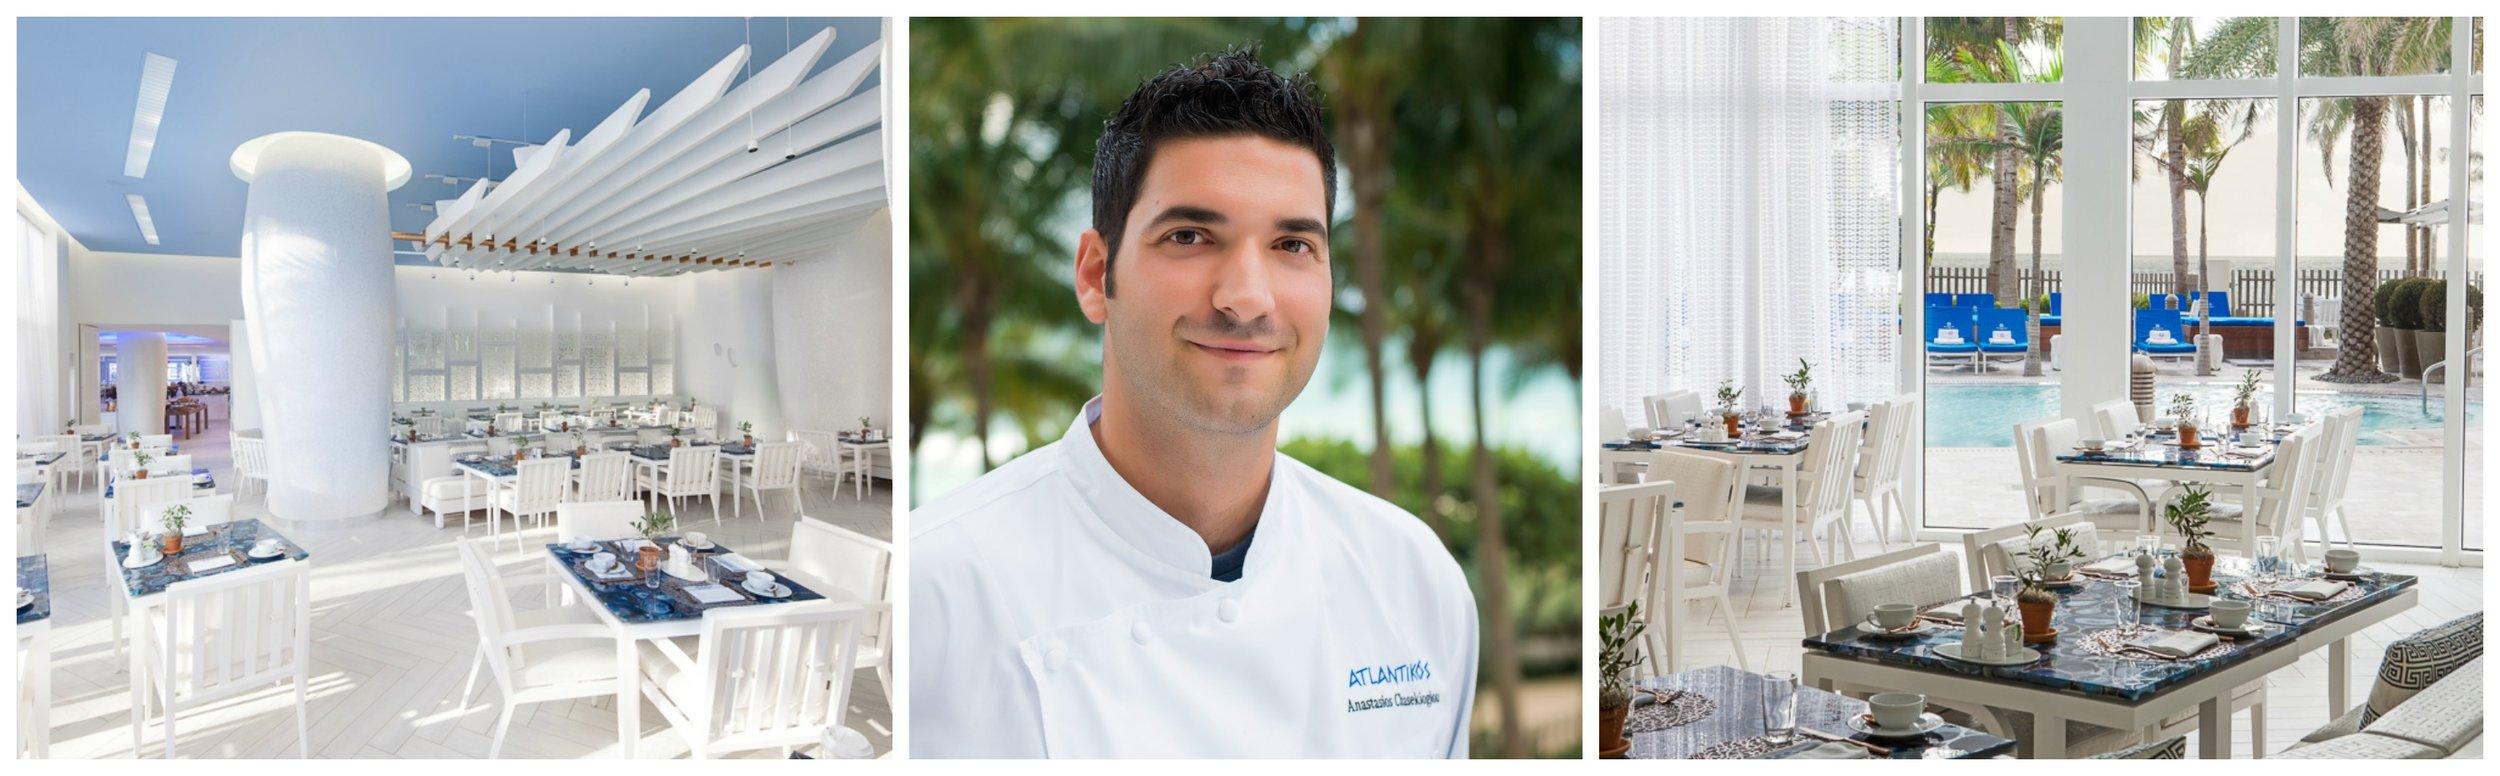 Atlantikos St Regis Interior and Chef